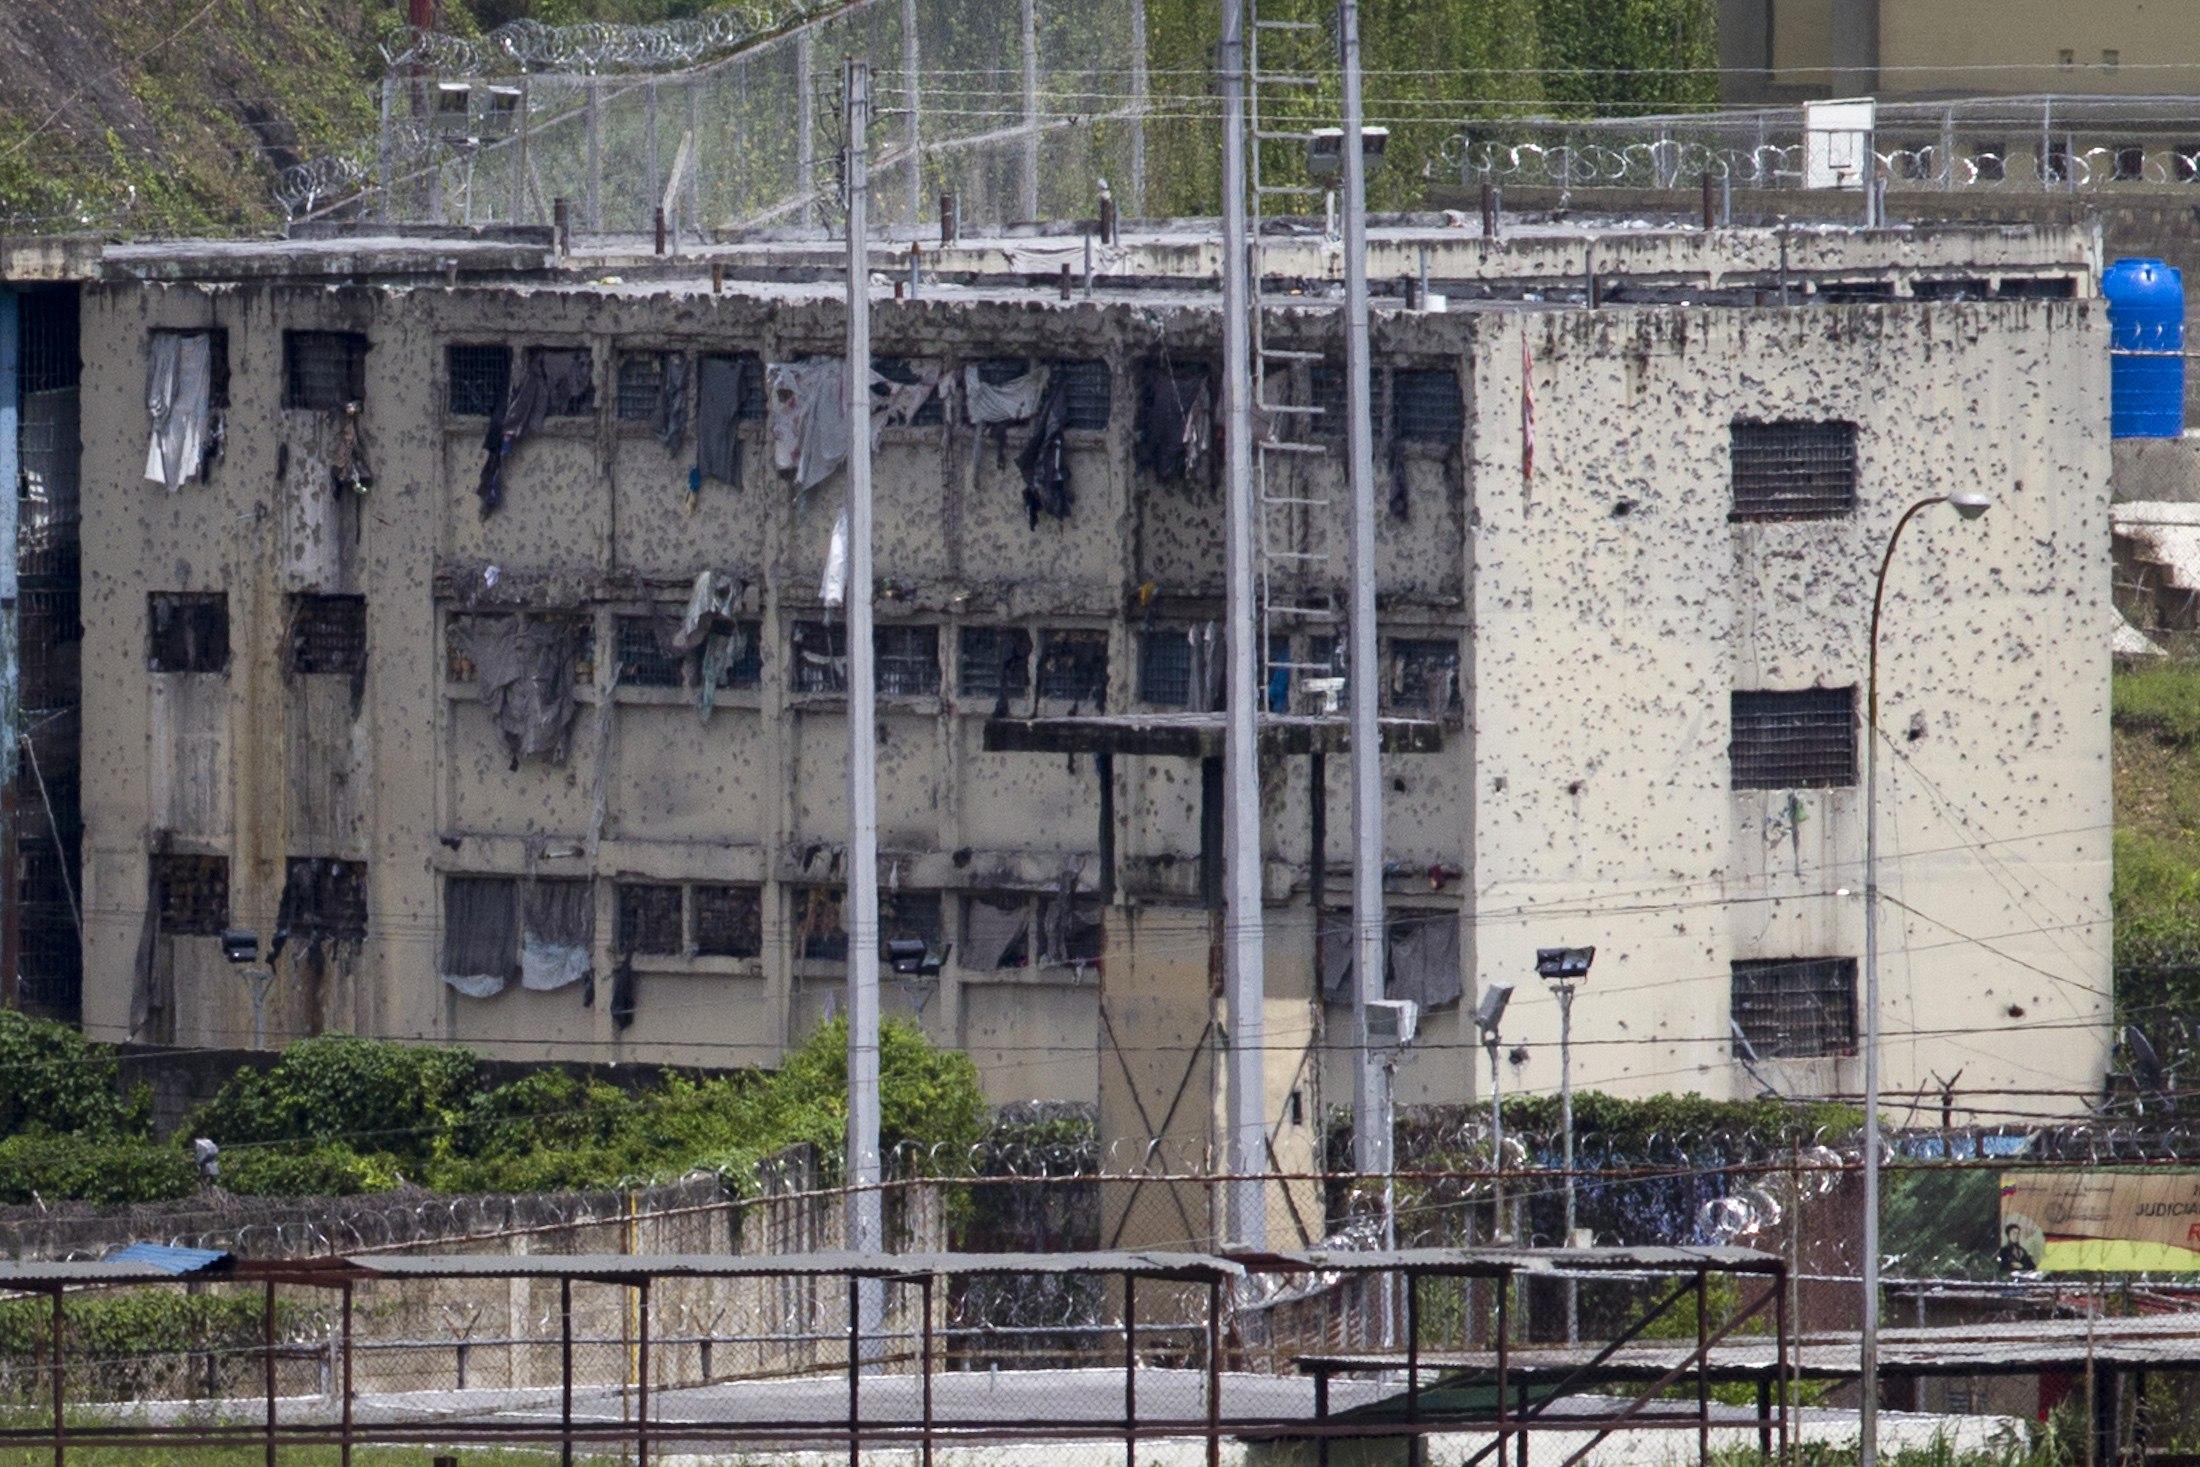 ¿Hará el Museo de Arquitectura o el Think Tank una exposición sobre la cárcel venezolana?  Aquí El Rodeo, decorada con balazos (19 Junio, 2011).